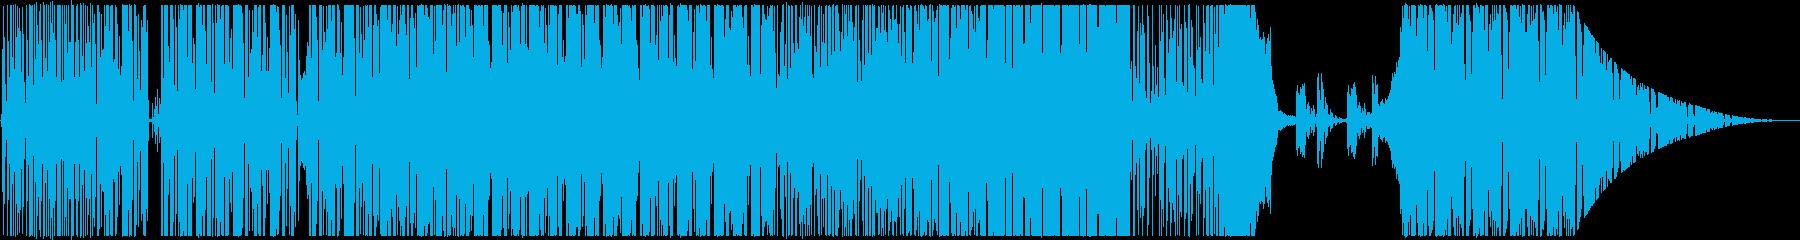 ファンクエレクトロ、ラテンの聖歌ボ...の再生済みの波形